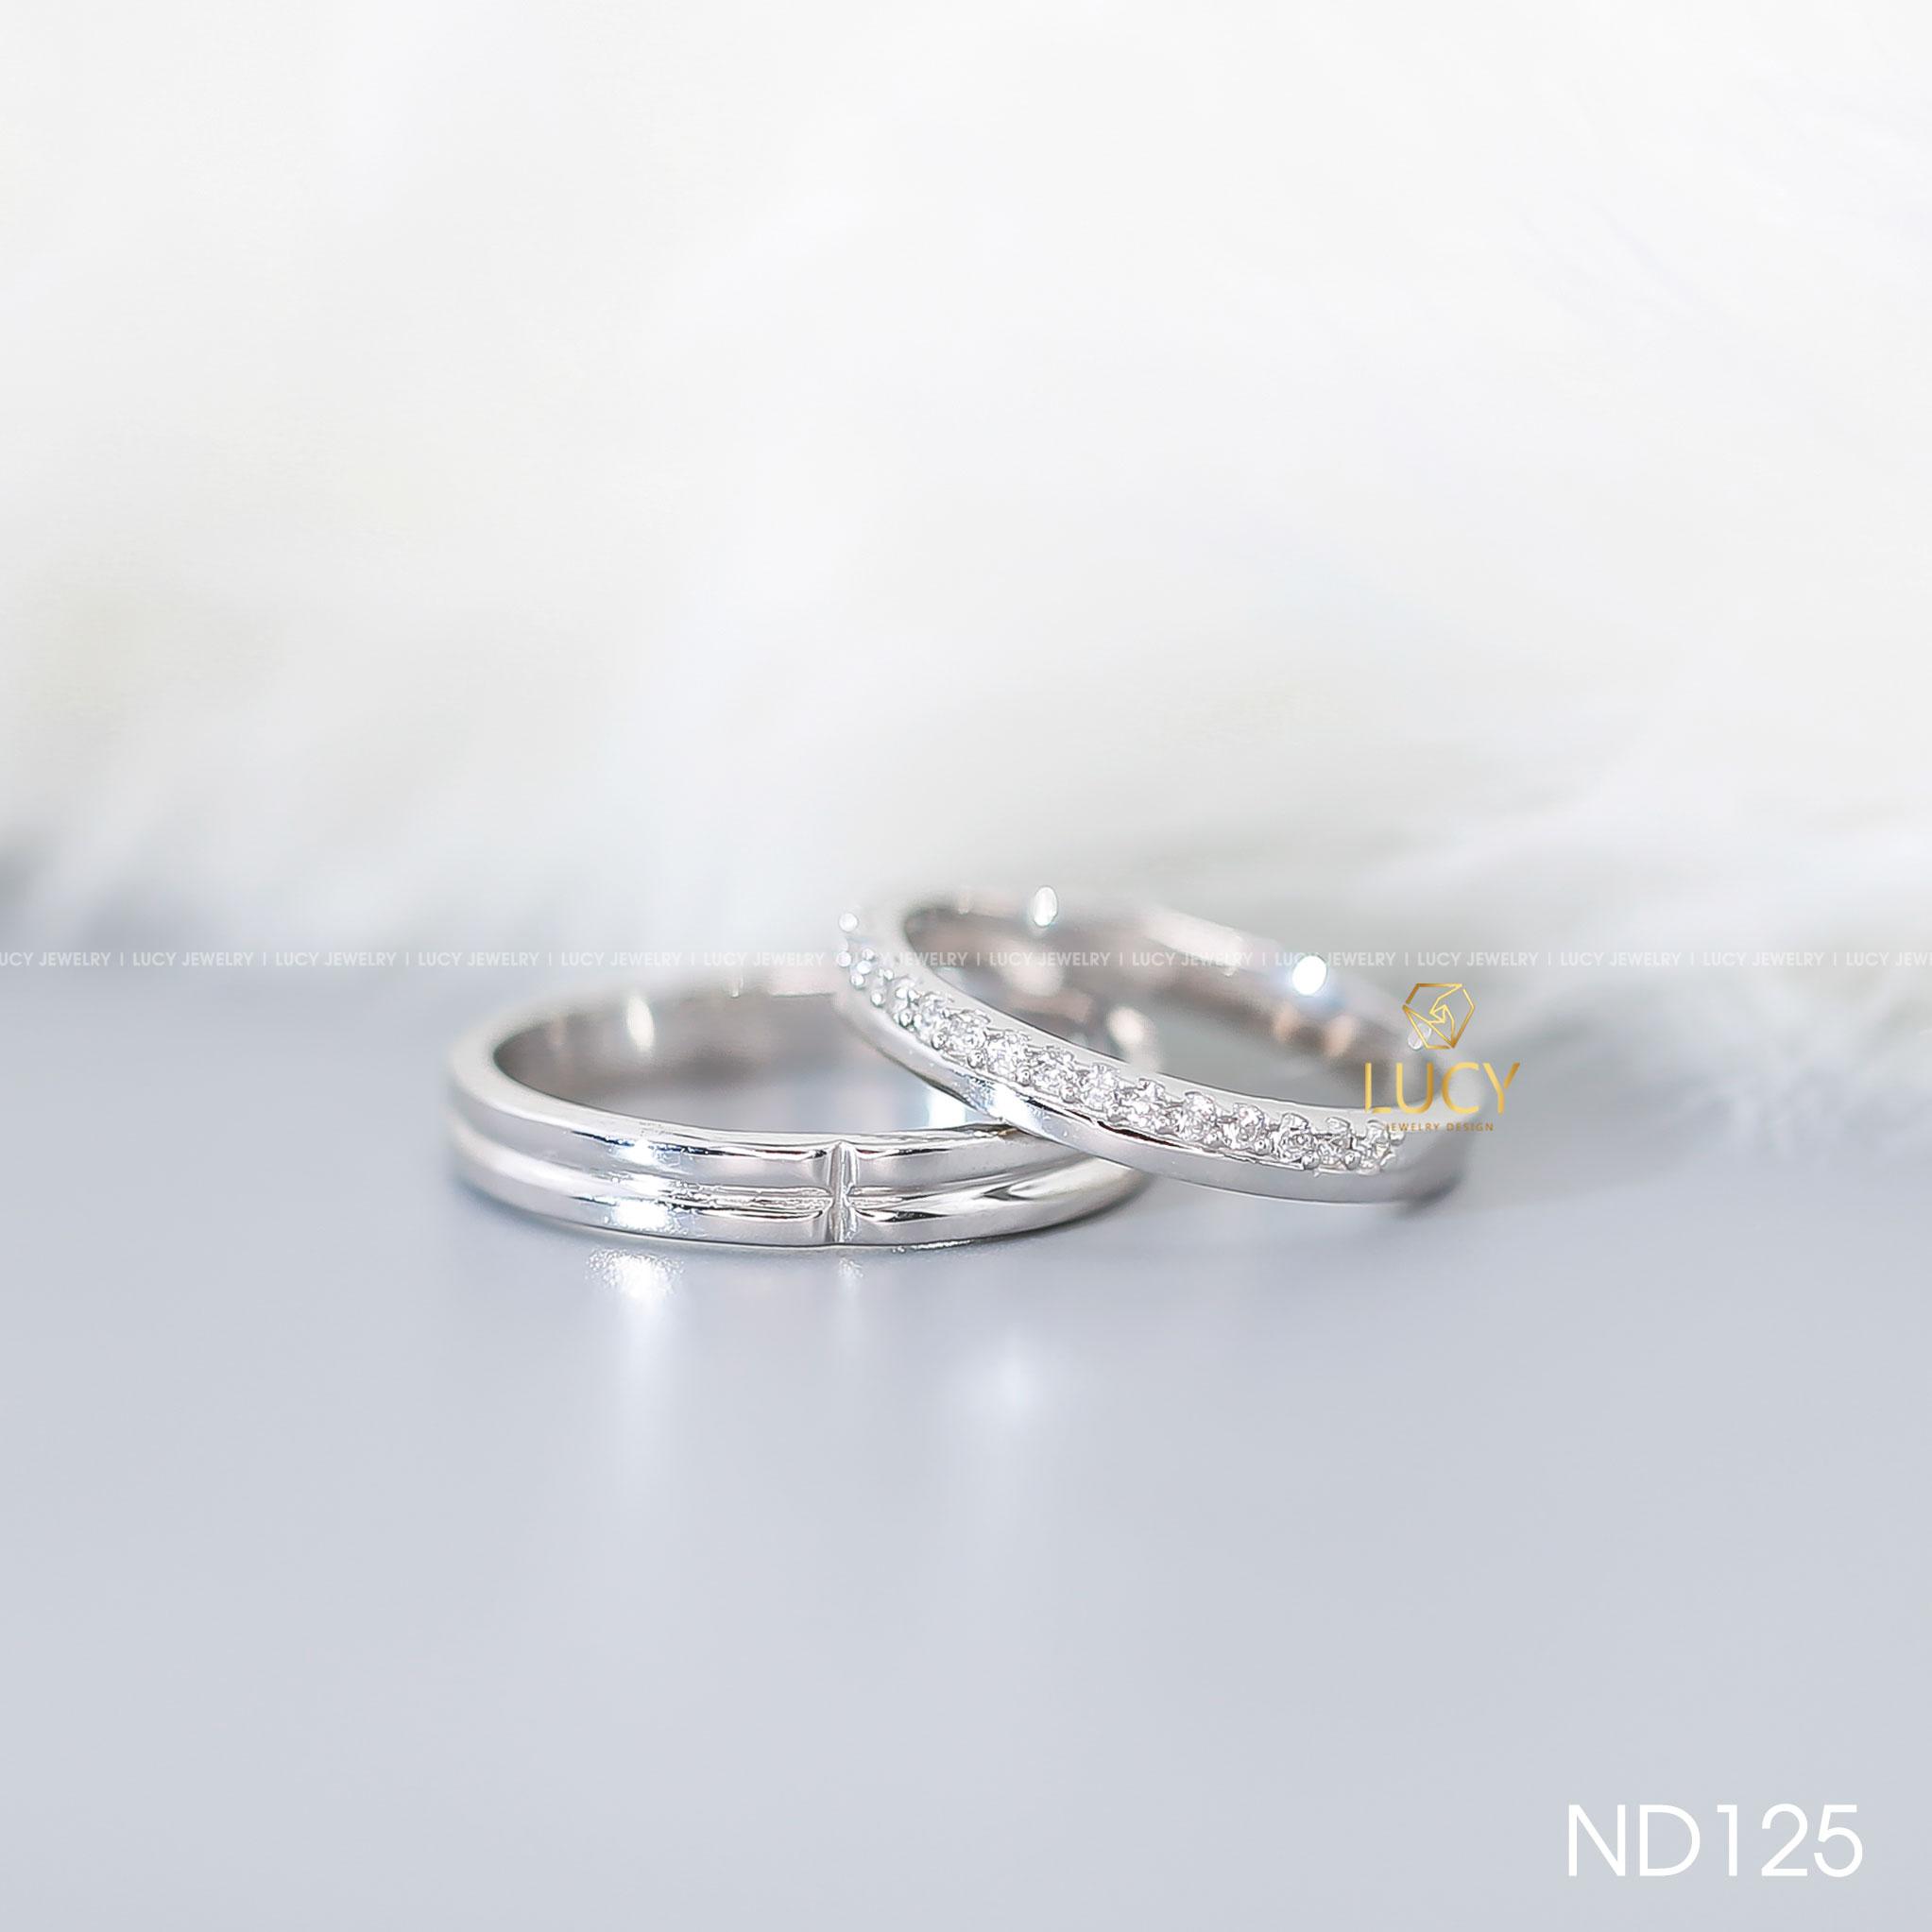 Nhẫn đôi nhẫn cặp bạc Lucy - ND125